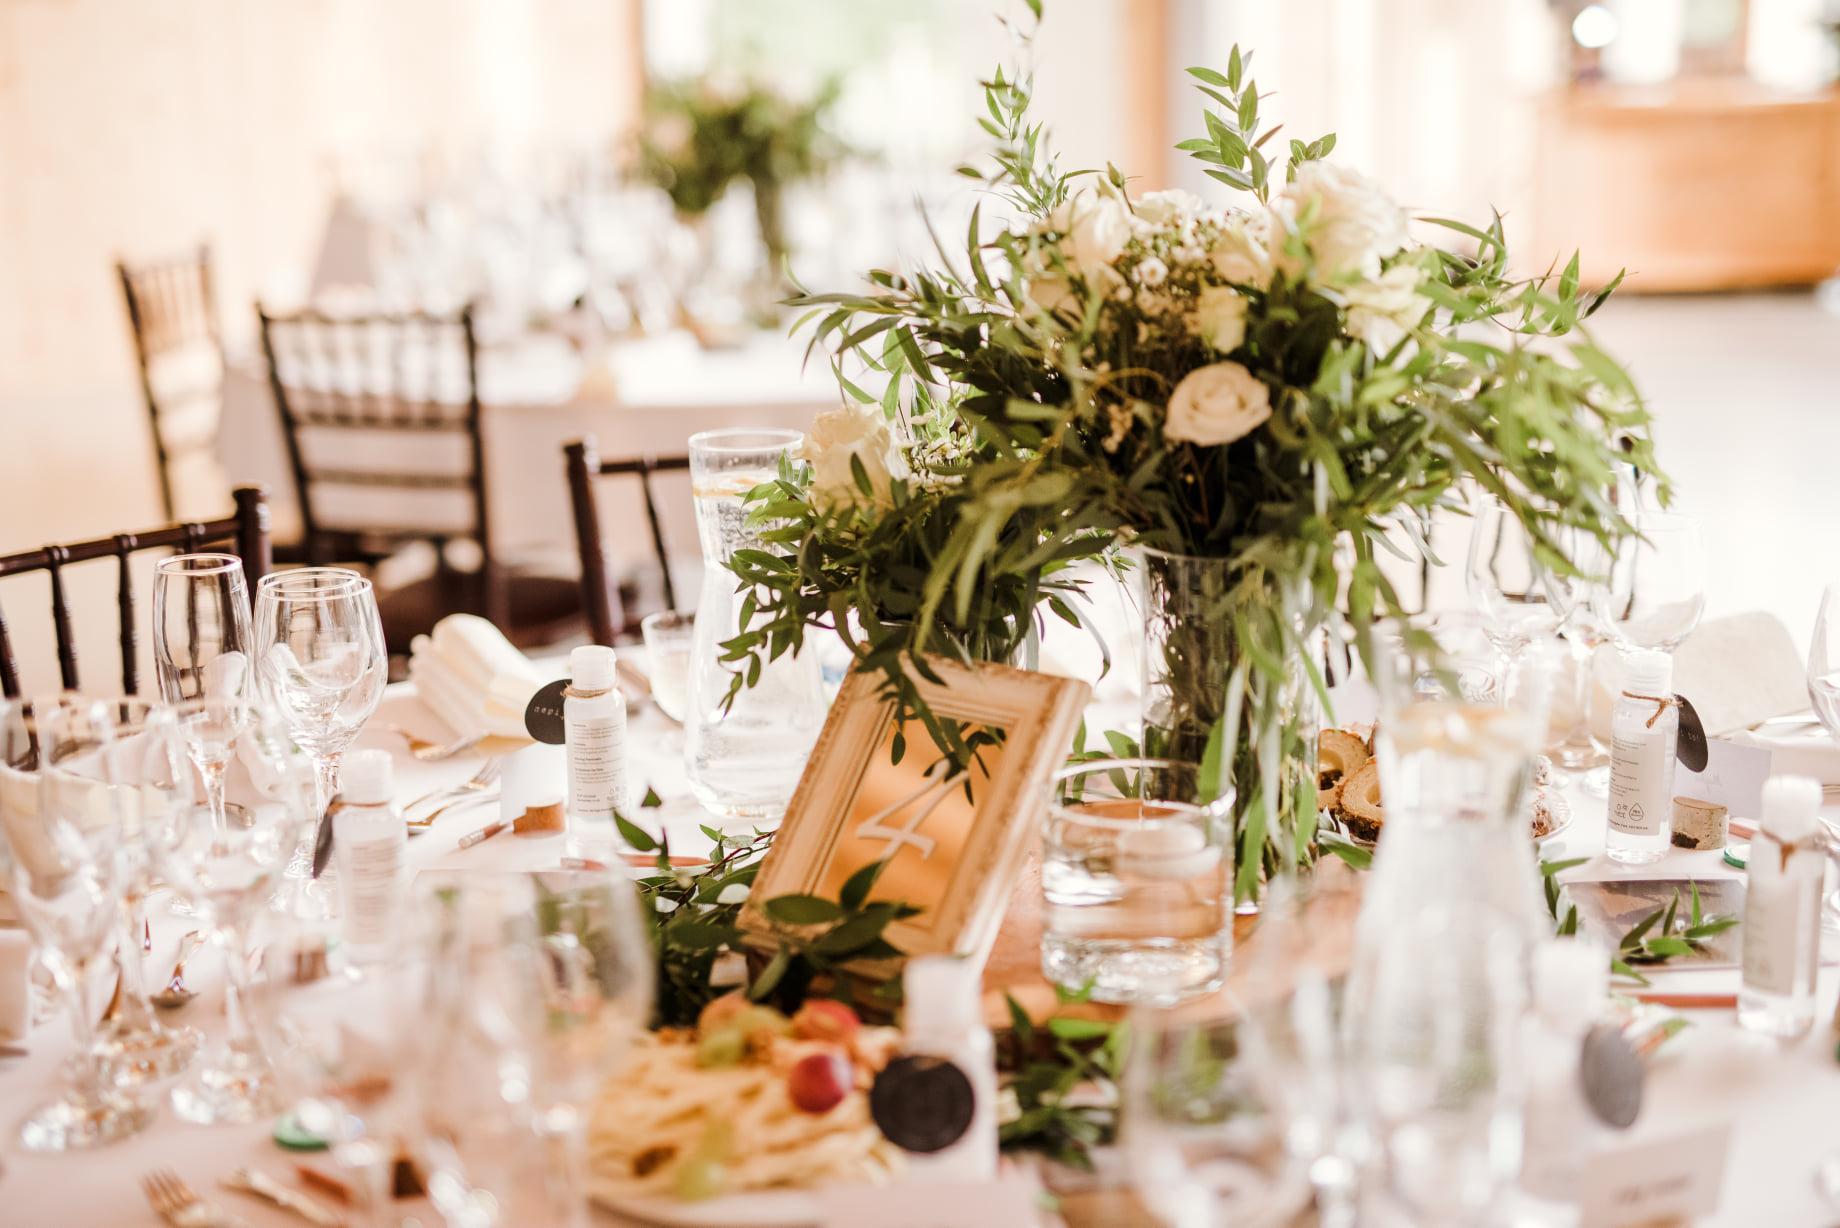 koliba-greta-svadba-cenajpg